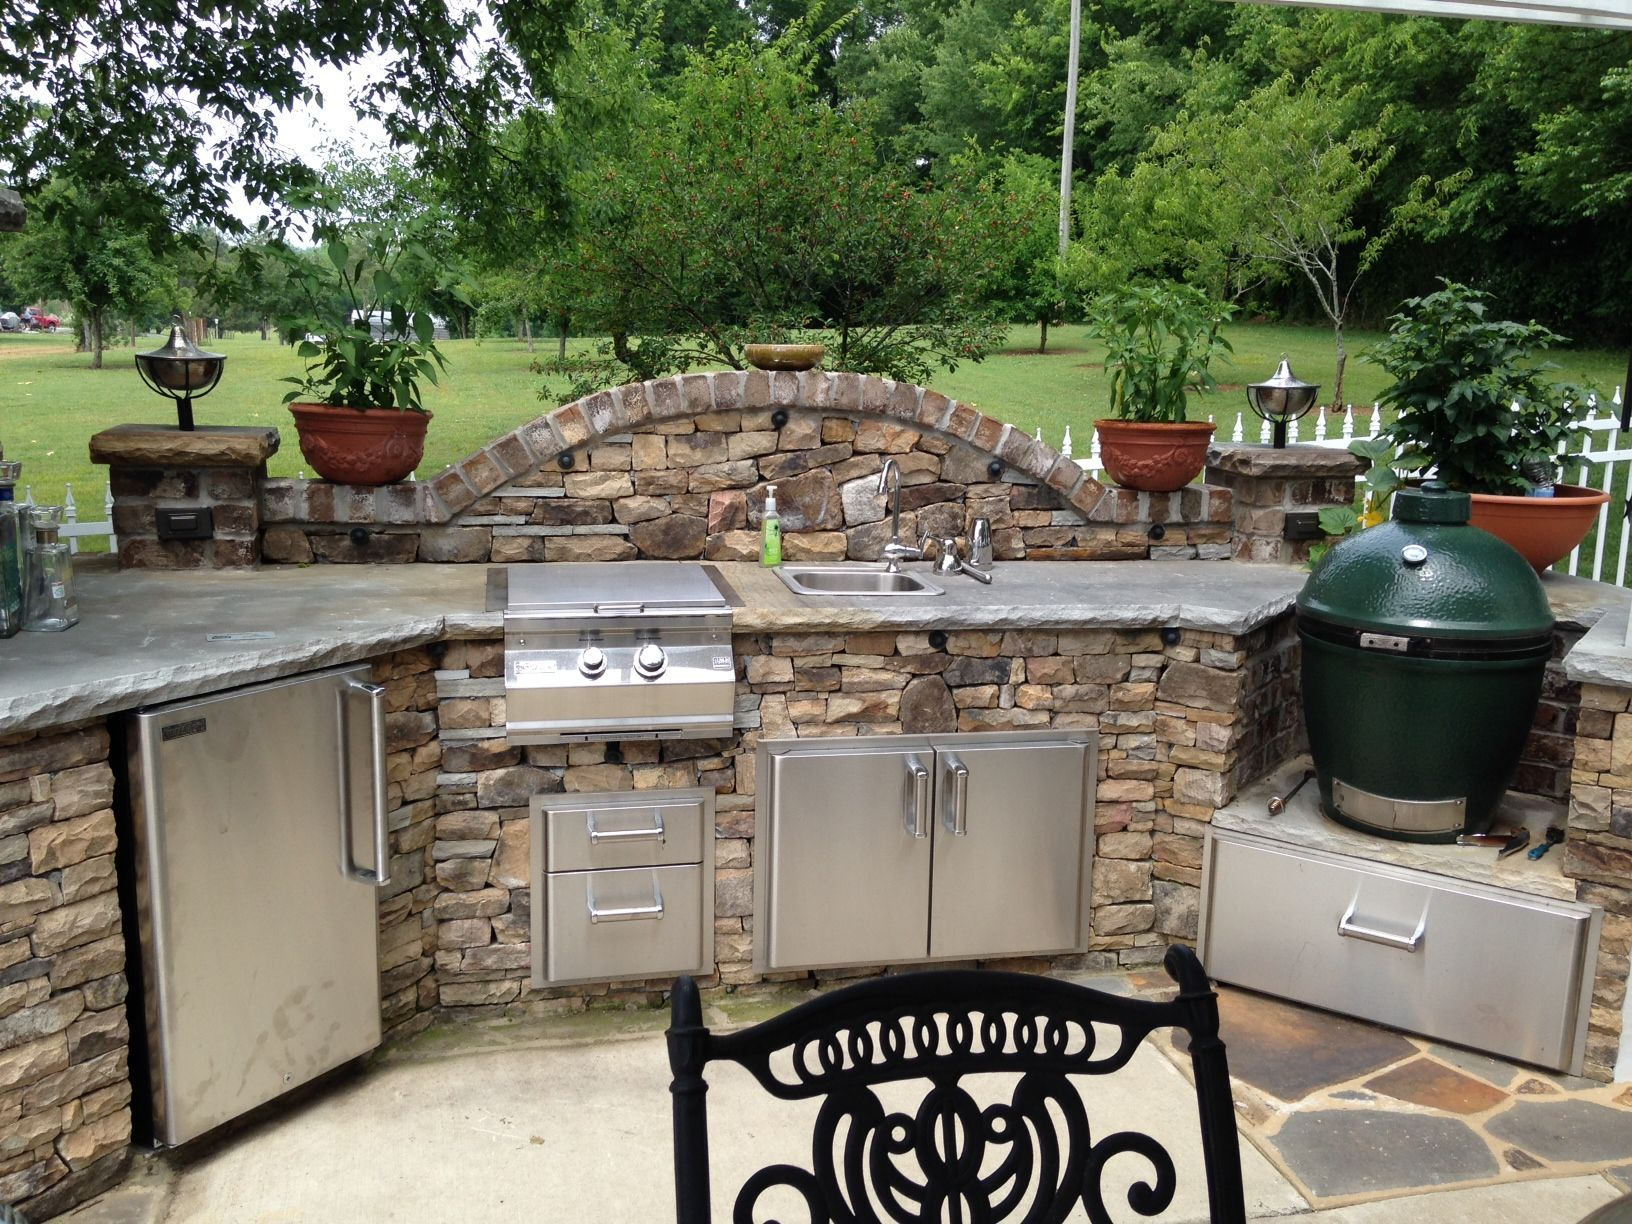 Big Green Egg Outdoor Kitchen Fine S Gas Blog Outdoor Kitchen Decor Diy Outdoor Kitchen Build Outdoor Kitchen